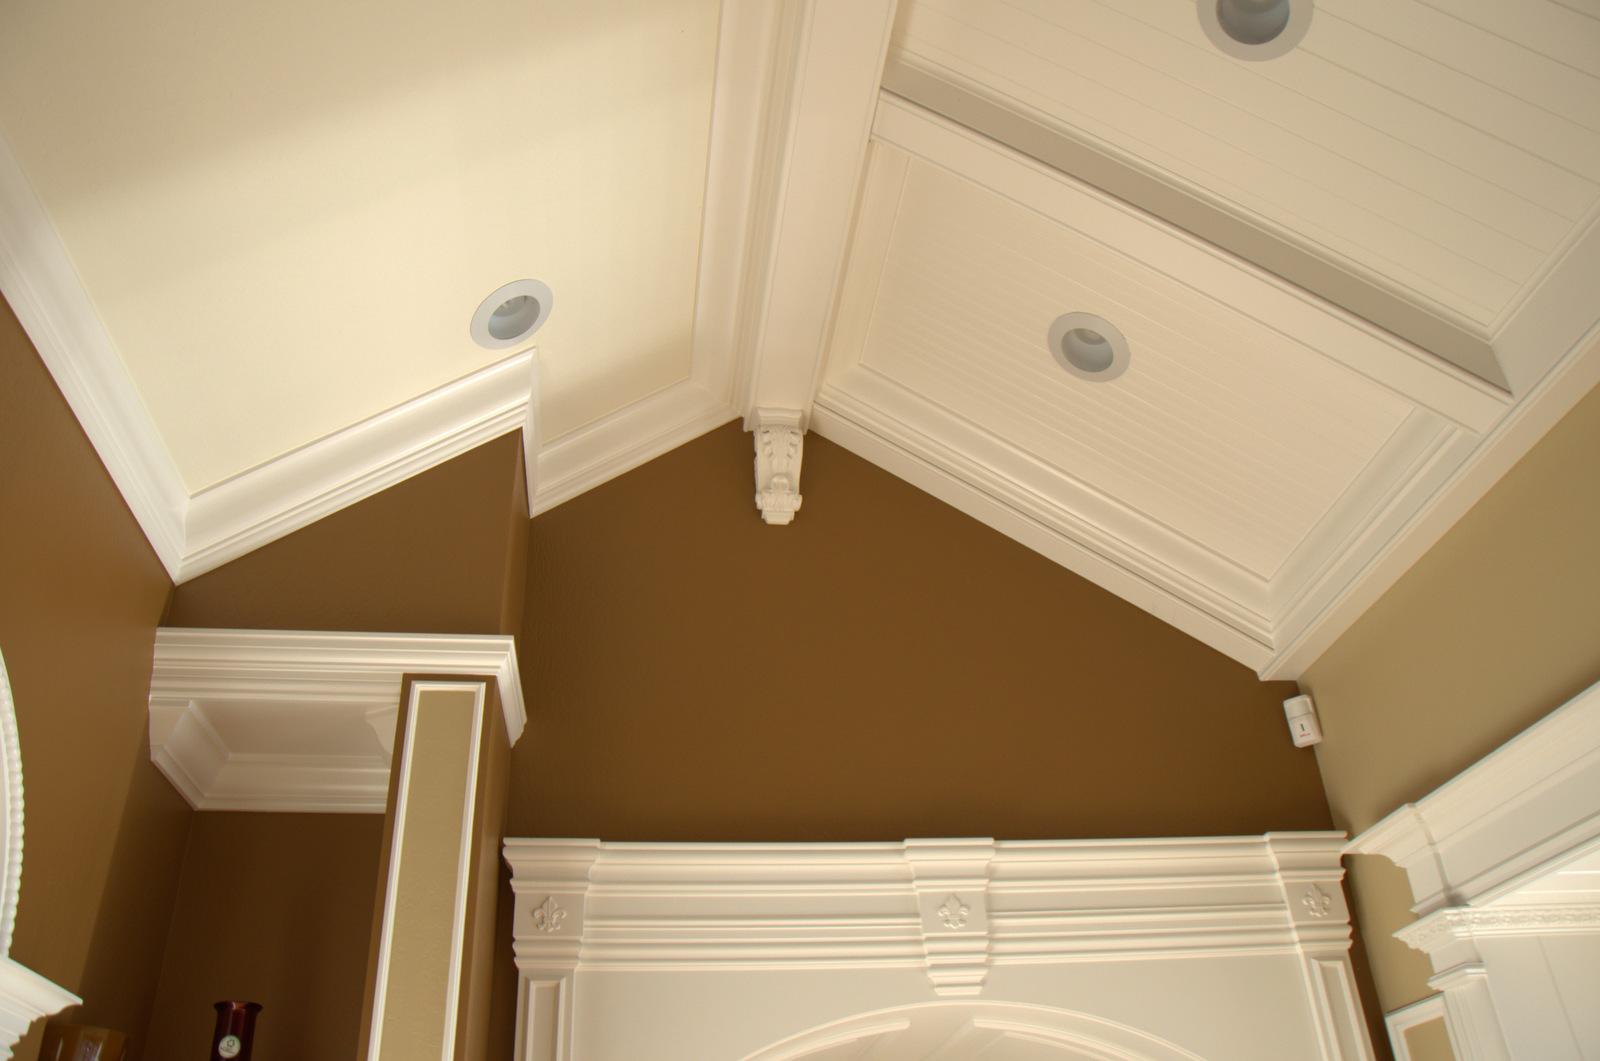 Roof Framing Geometry: Rake Crown Mouldings with No ...